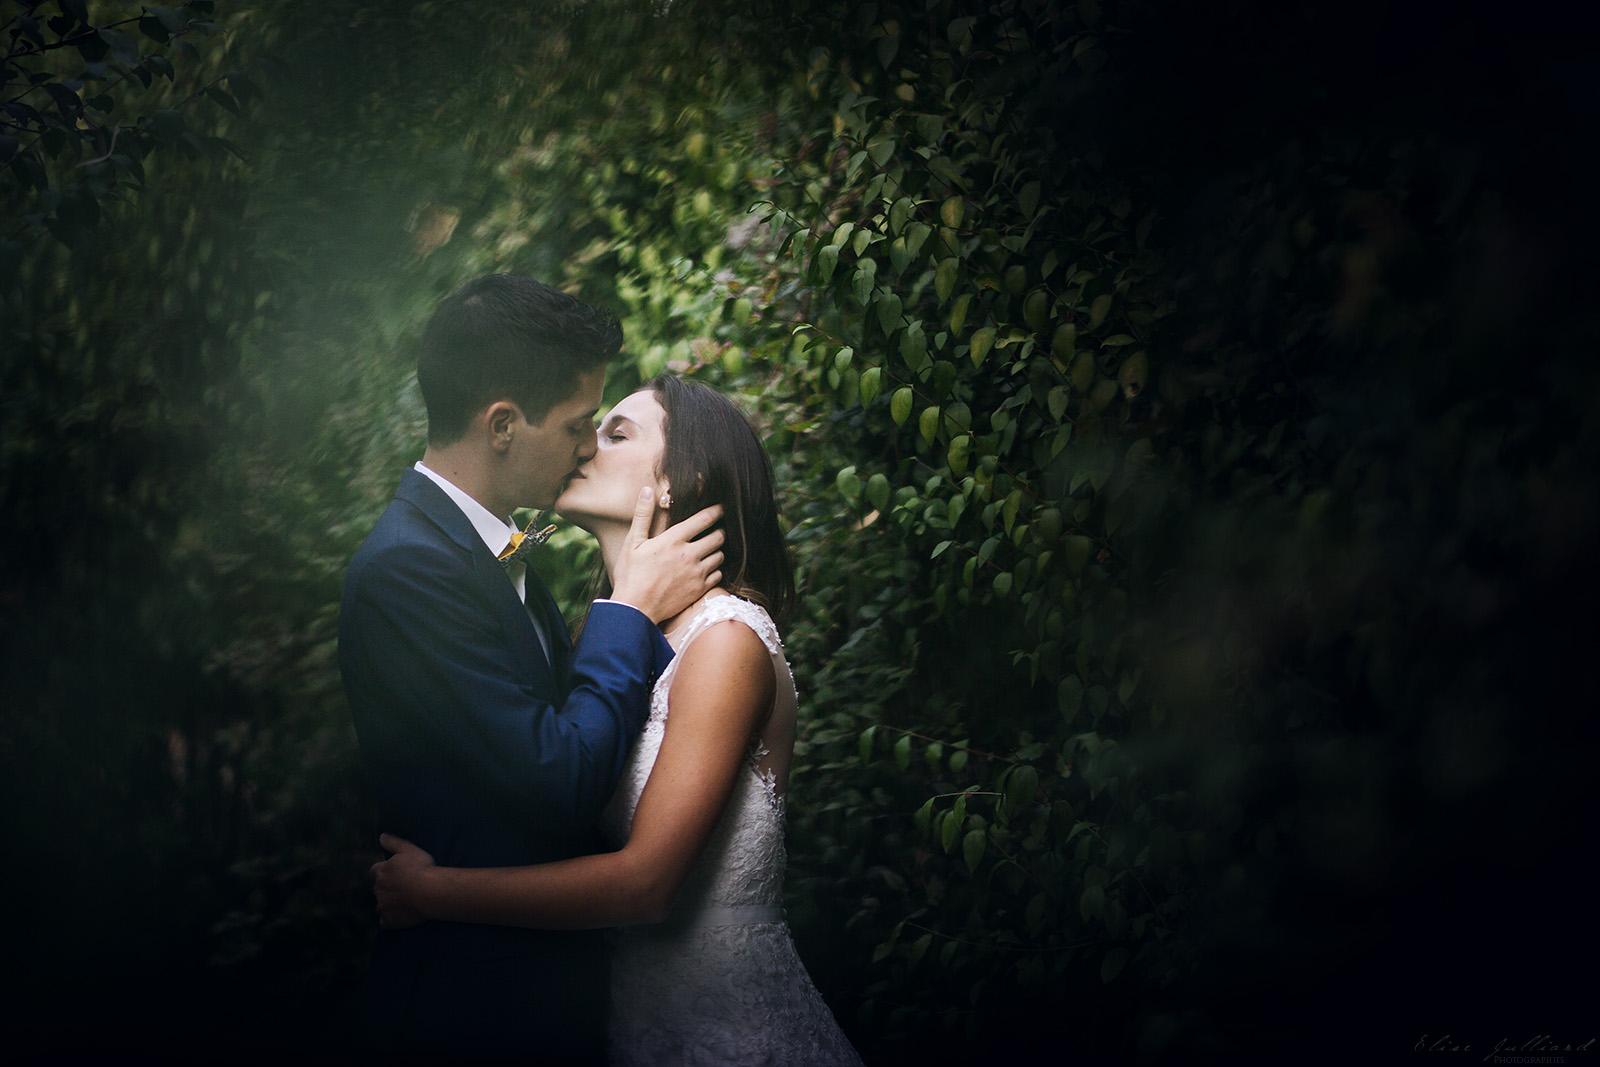 photographe-mariage-wedding-photographer-lyon-auvergne-rhone-alpes-ain-beaujolais-domaine-du-passeloup-couple-reportage-elise-julliard-chateau-de-cibeins-10